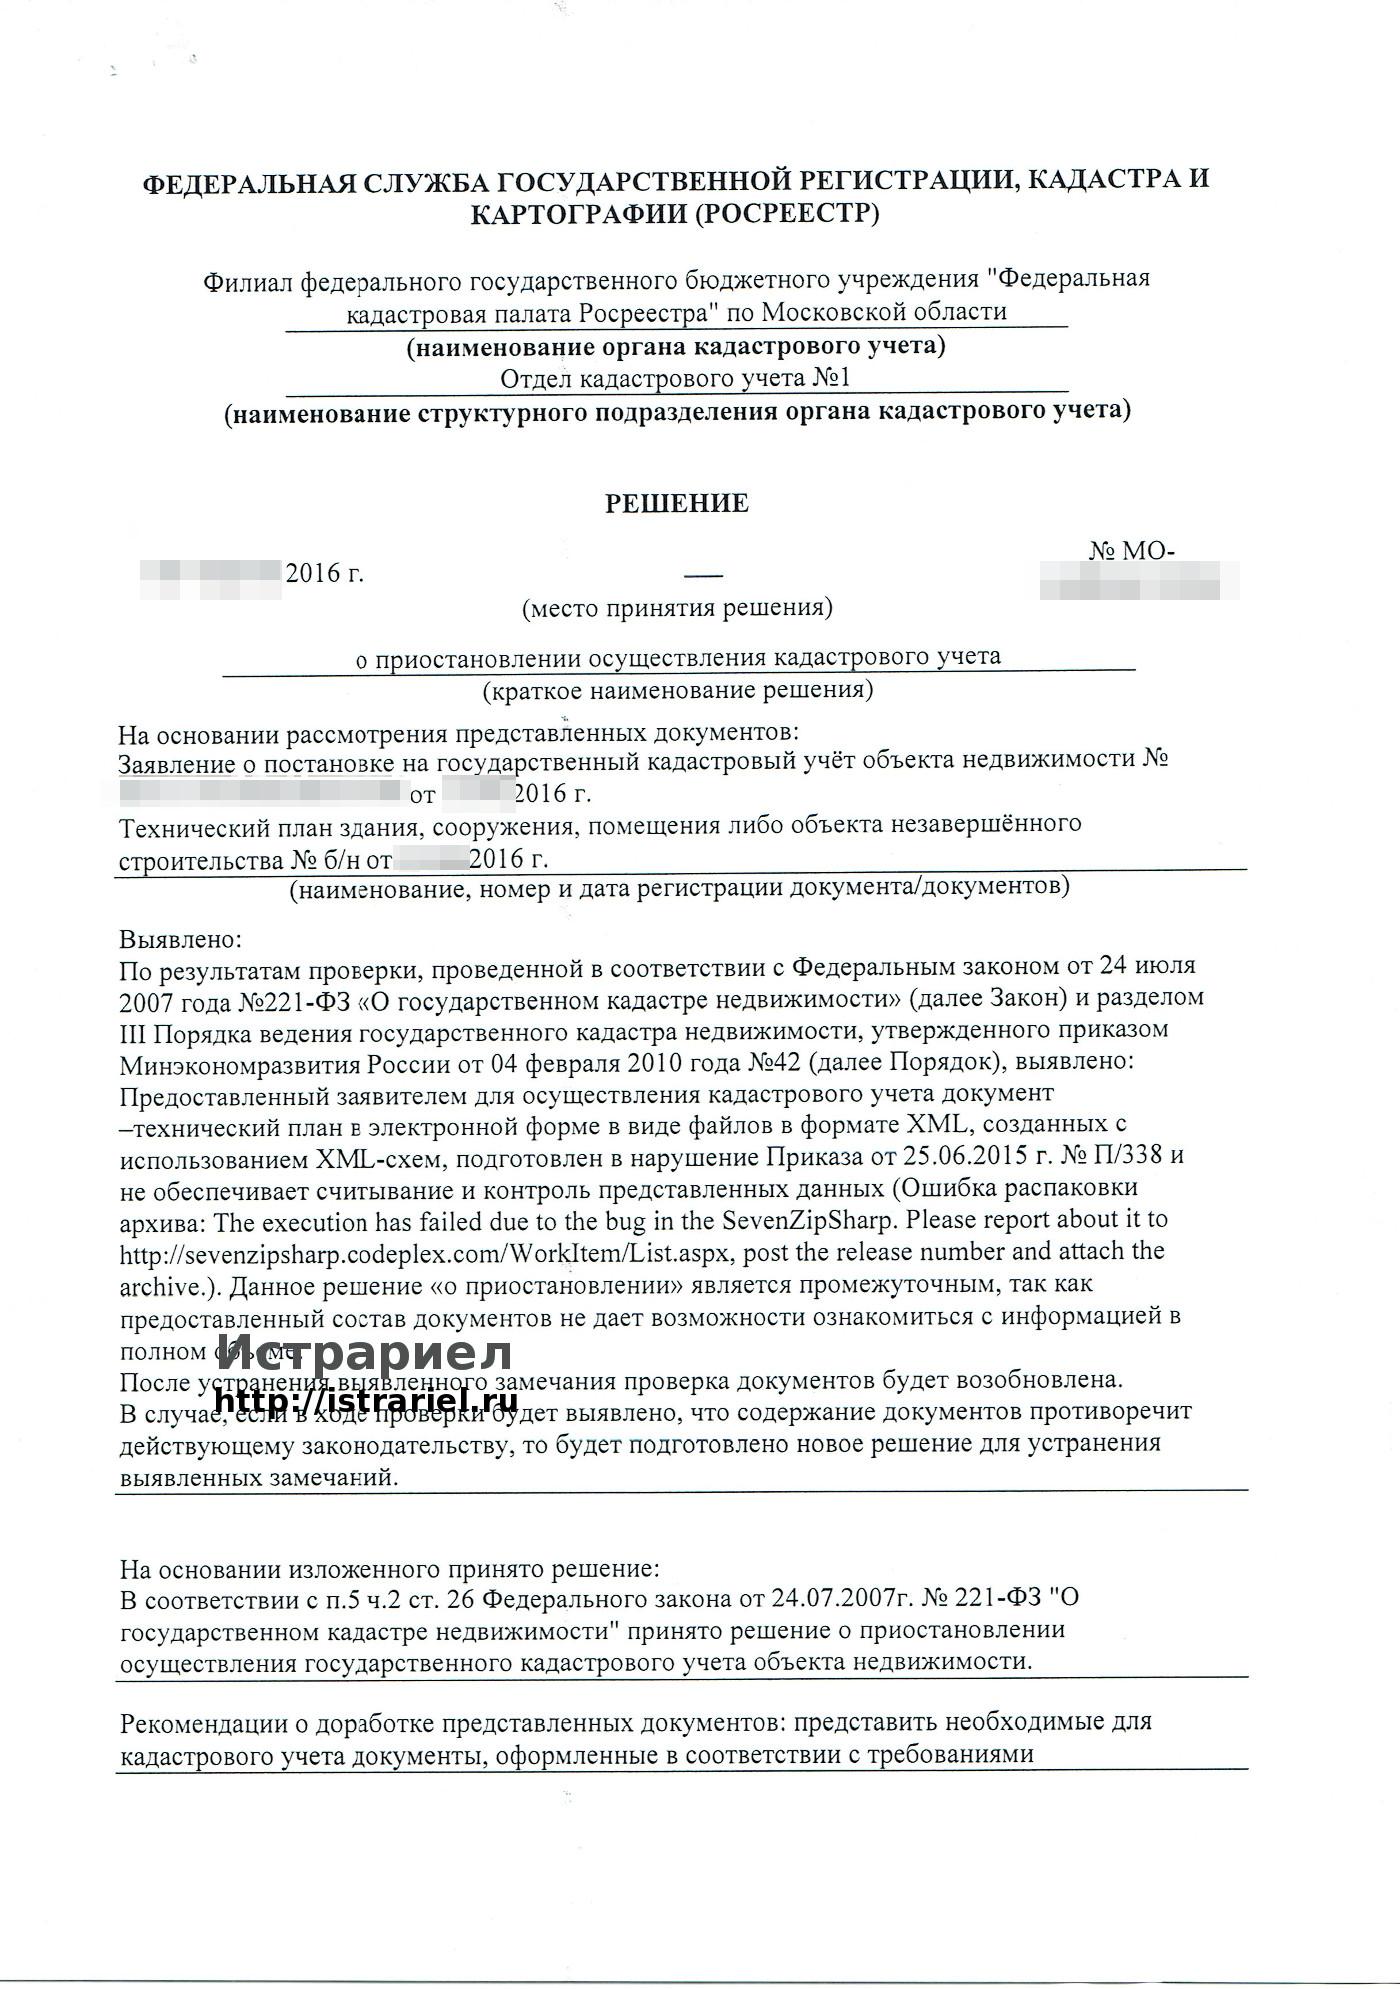 Регистрация права на недвижимость Приостановка при постановки на кадастровый учет из за ошибки распаковки архива